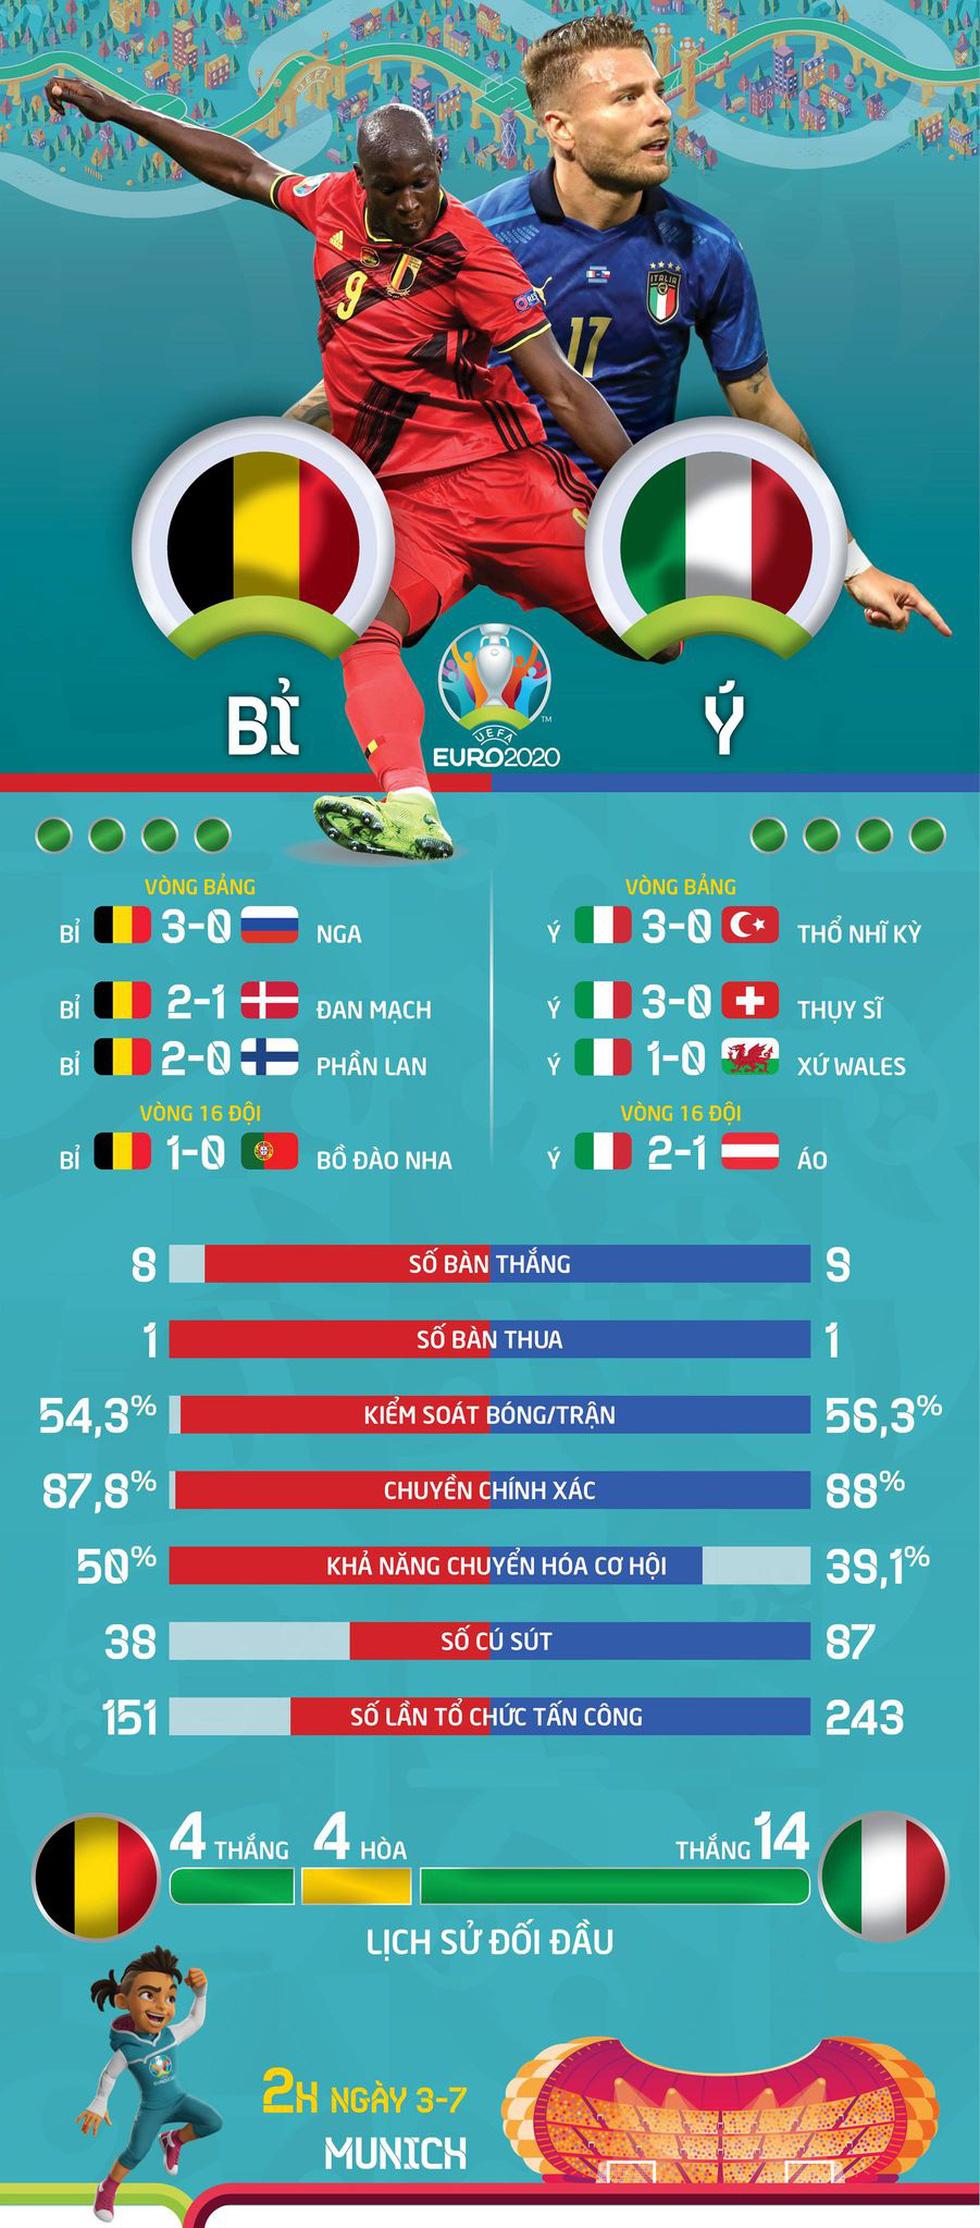 So sánh sức mạnh của Bỉ và Ý ở tứ kết Euro 2020 - Ảnh 1.